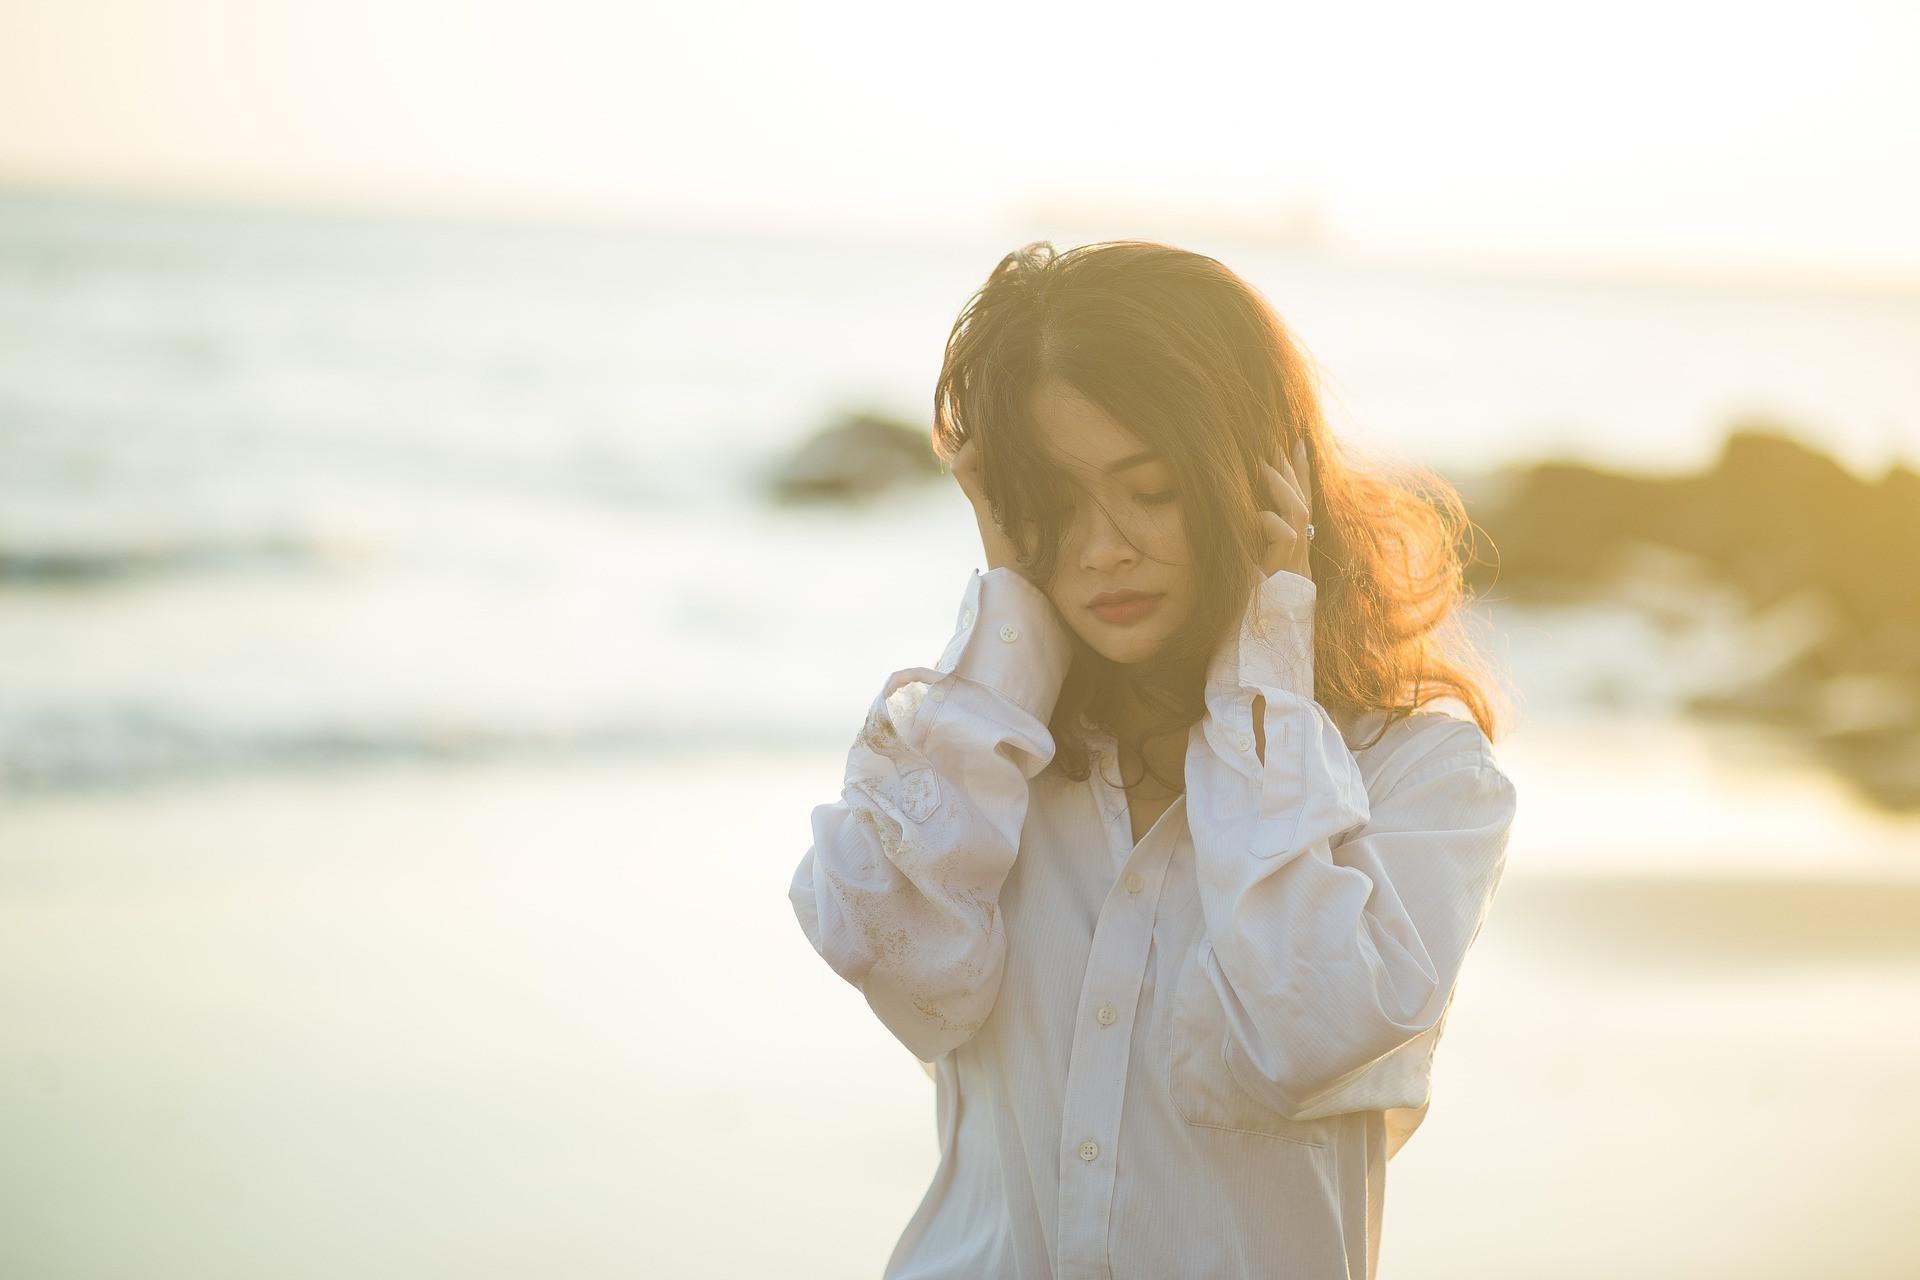 Sudah Tidak Cinta, Ini 5 Cara Memutuskan Hubungan dengan Dia Tanpa Menyakitinya - JPNN.com